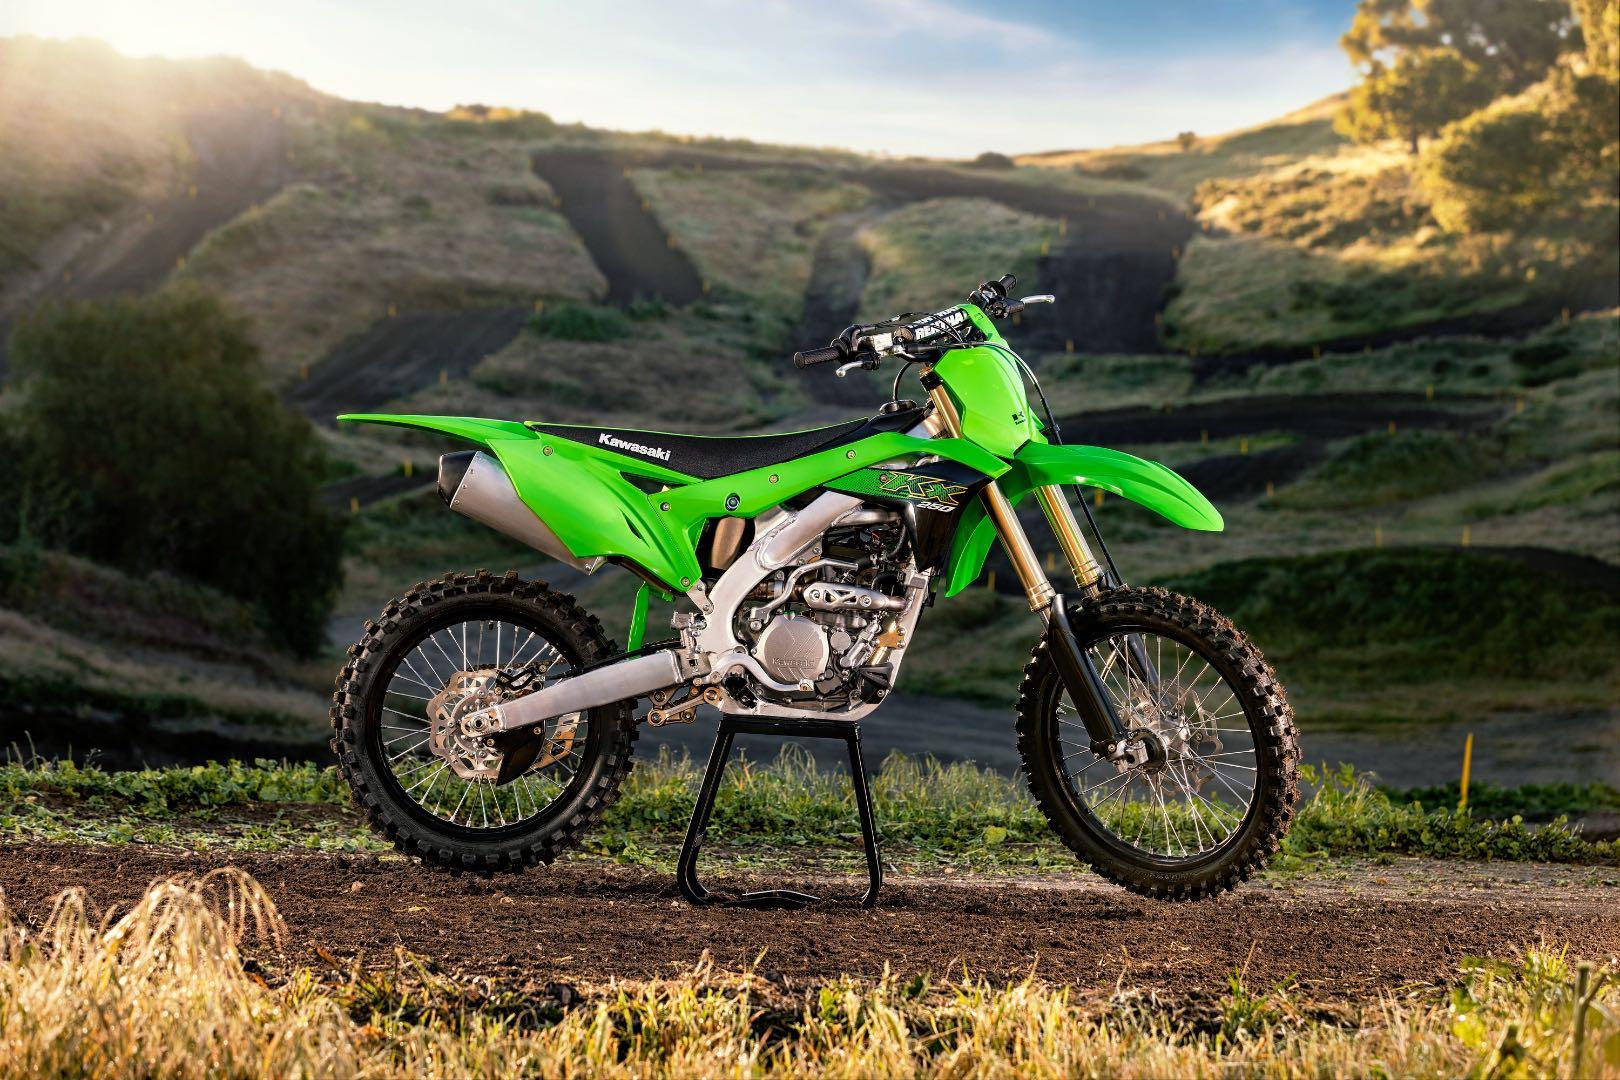 2020 Kawasaki KX 250 colors